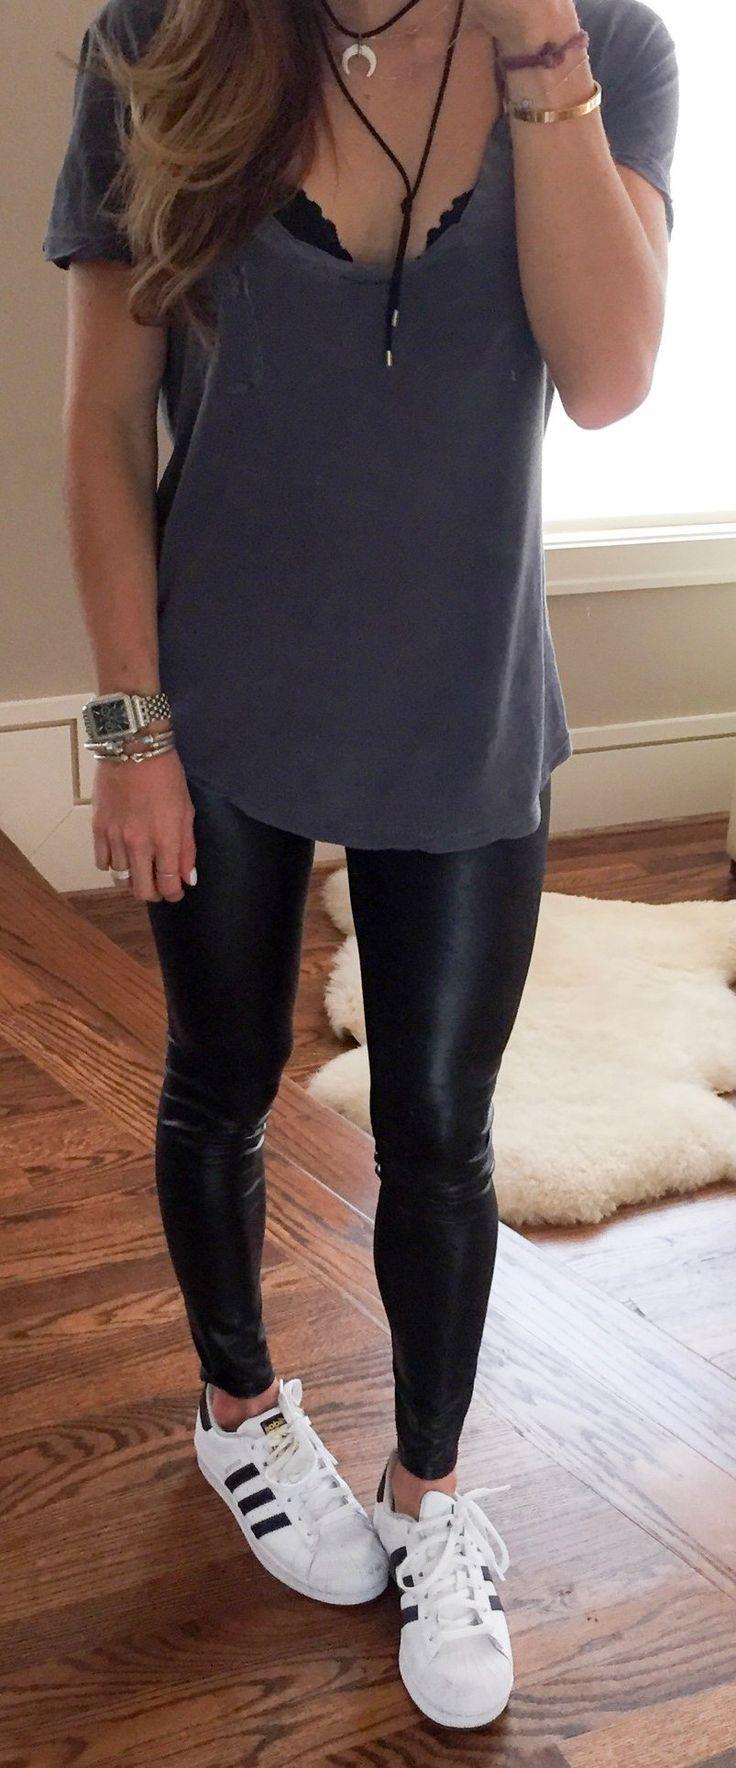 Best 25  Black leggings outfit ideas on Pinterest | Legging ...